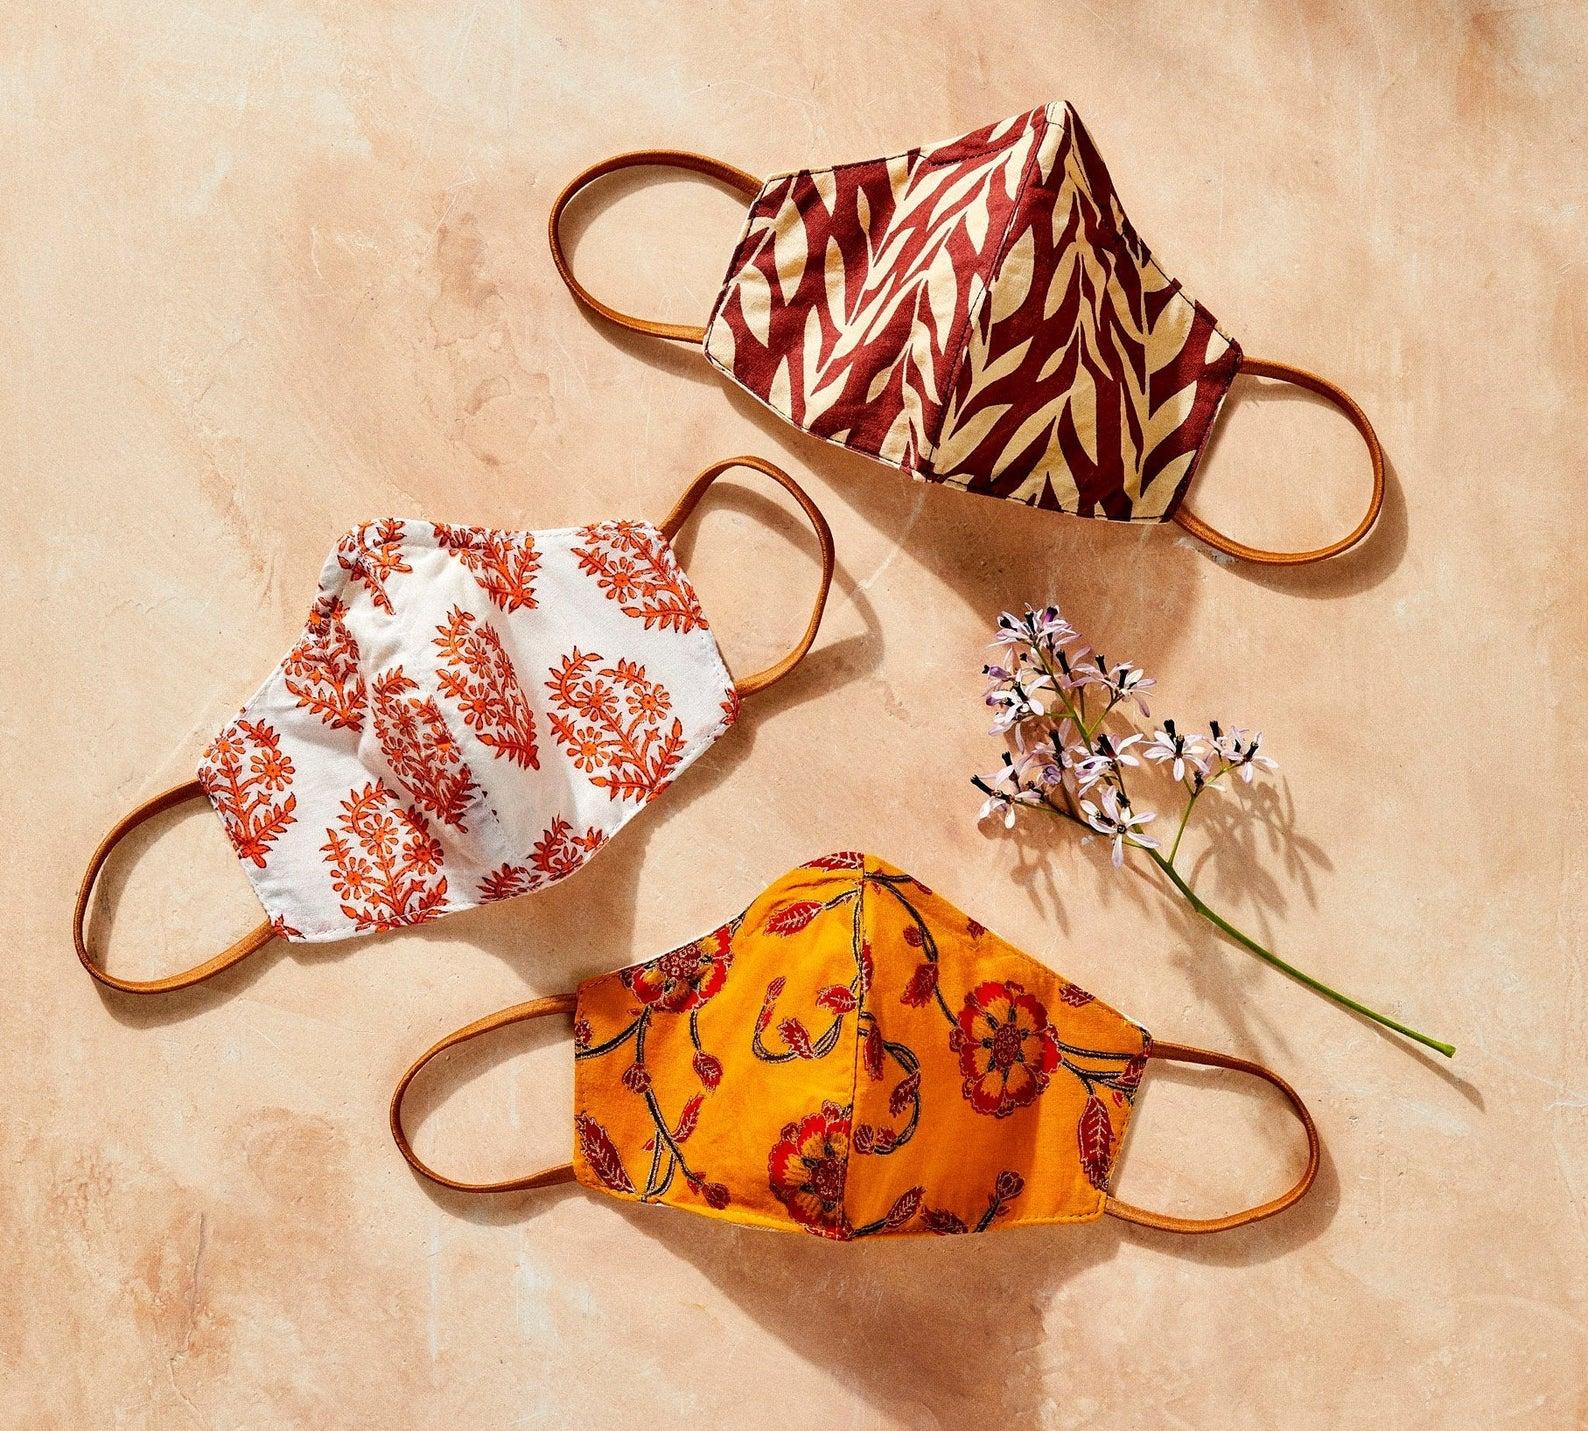 Ensemble de 3 masques de protection respiratoire en coton cousu à la main et décoré de motifs, DandEDiscovered, 51,18€.